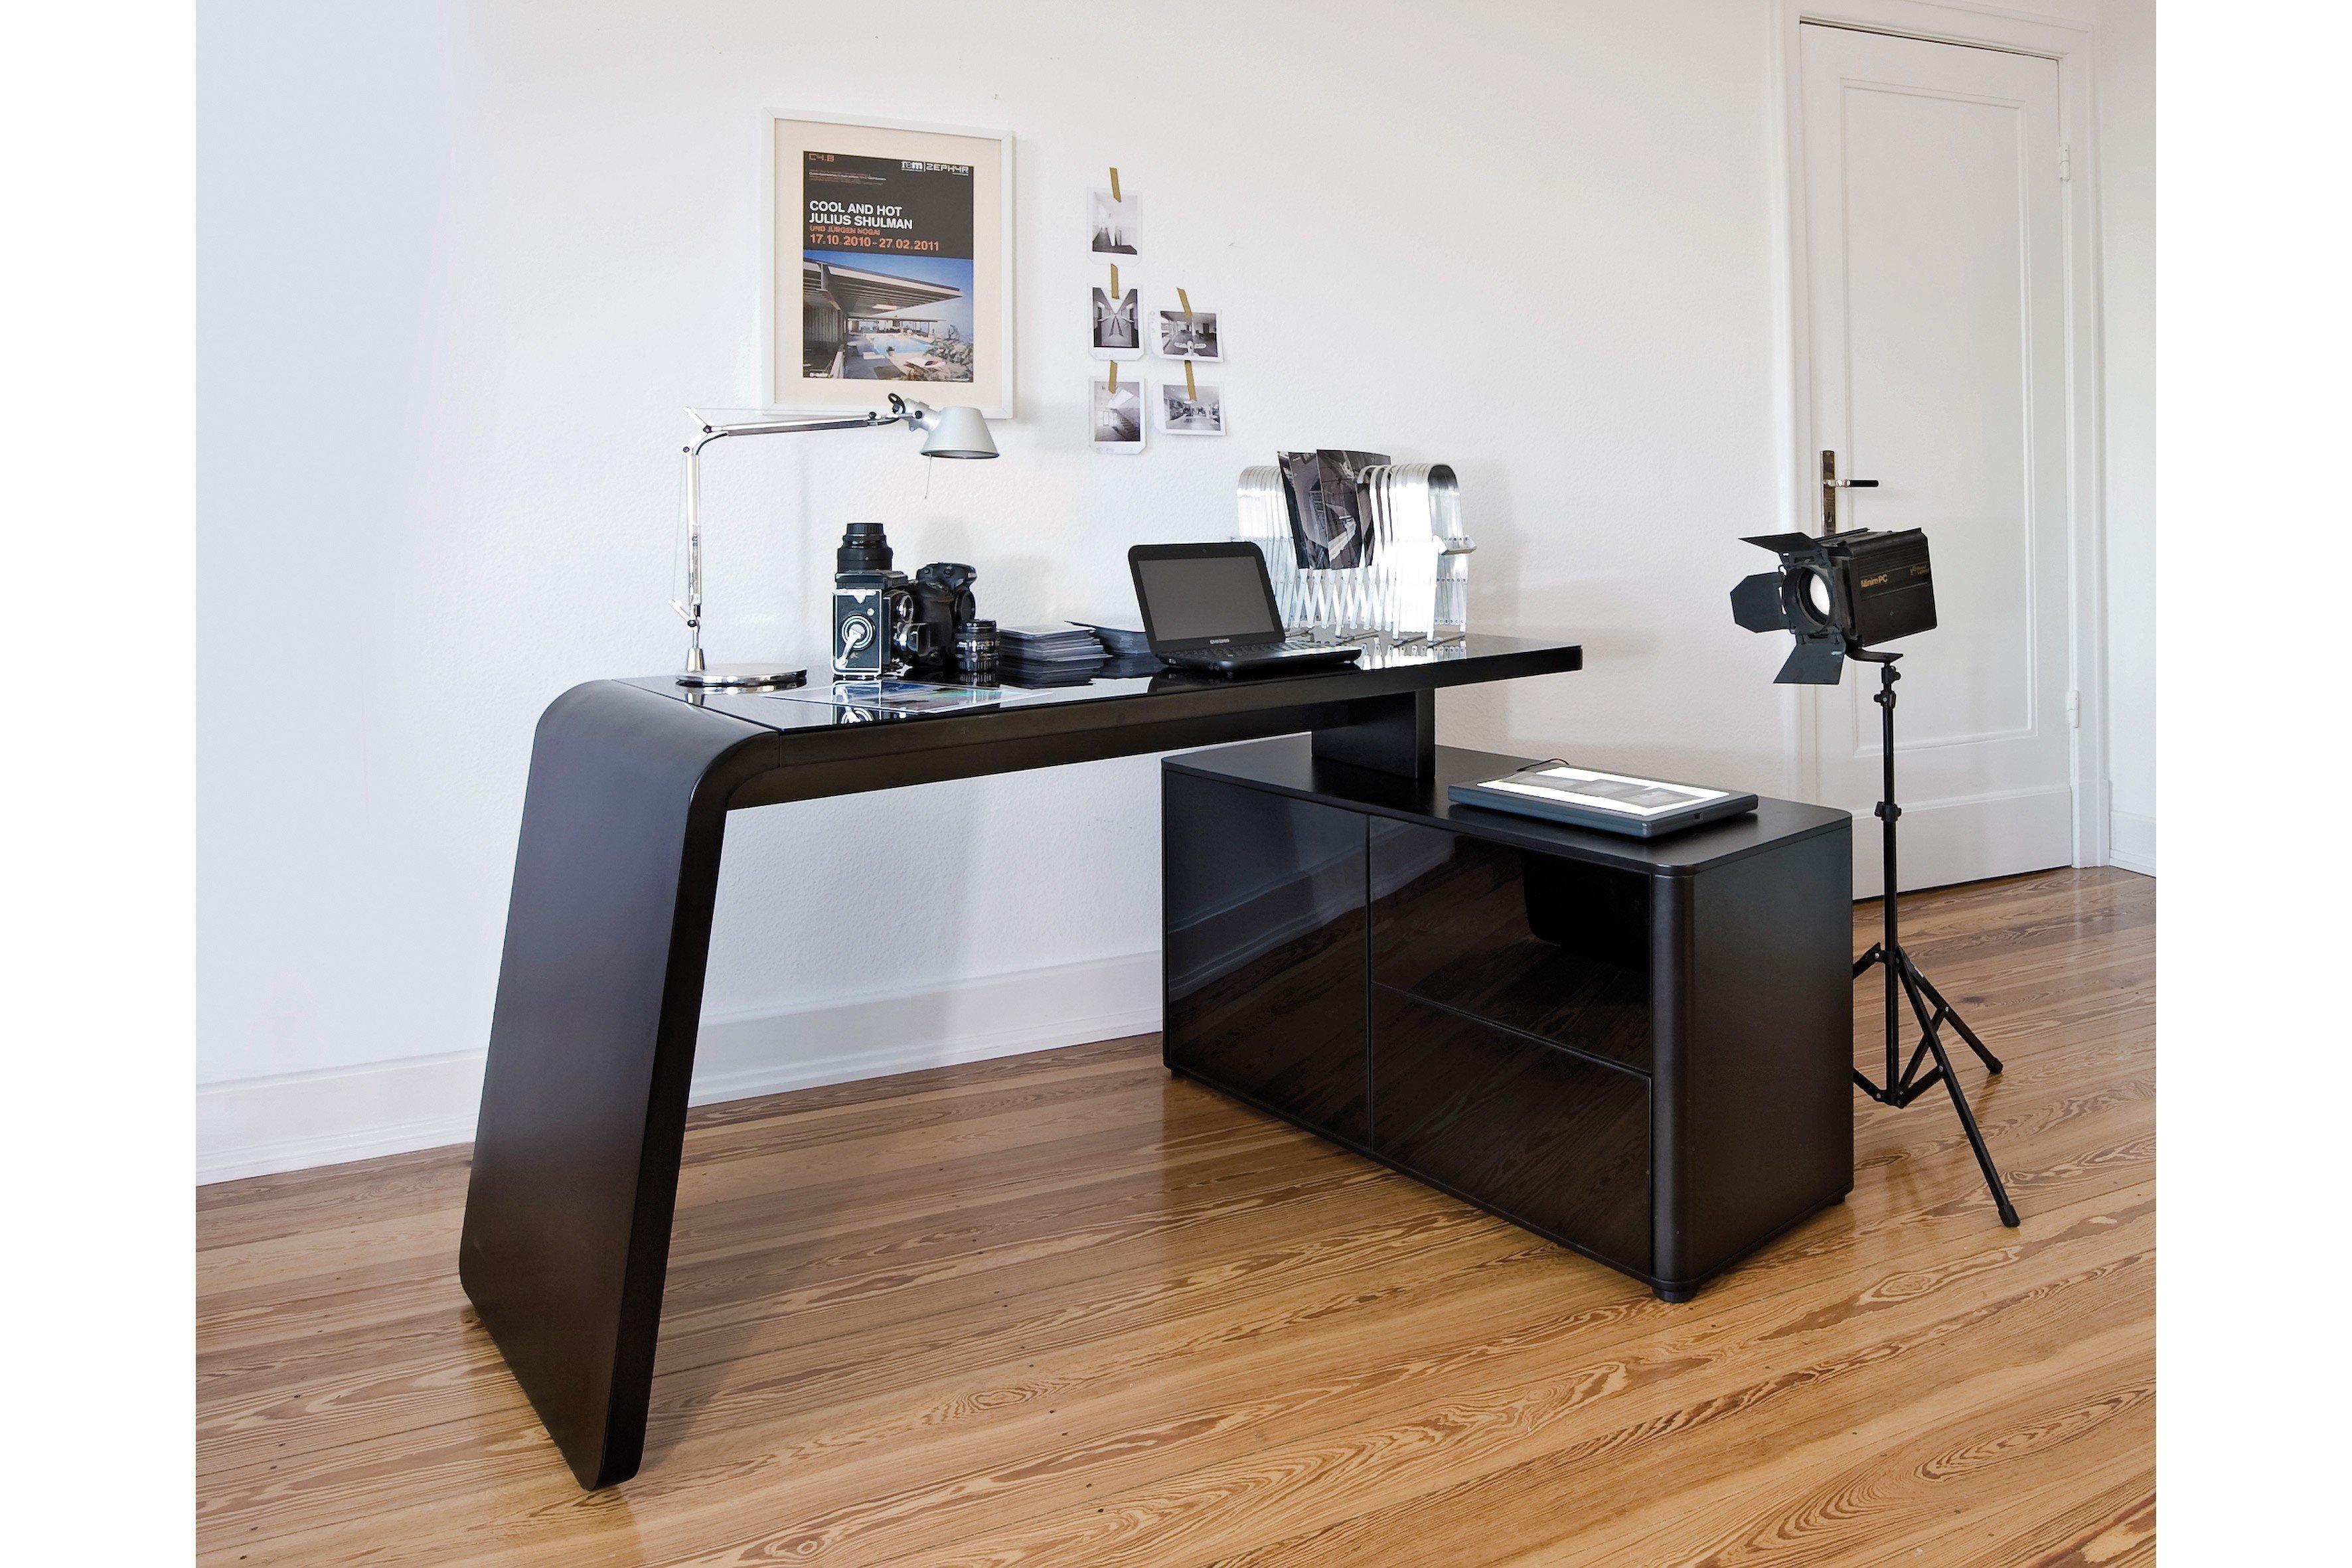 jahnke schreibtisch csl465e schwarz m bel letz ihr online shop. Black Bedroom Furniture Sets. Home Design Ideas